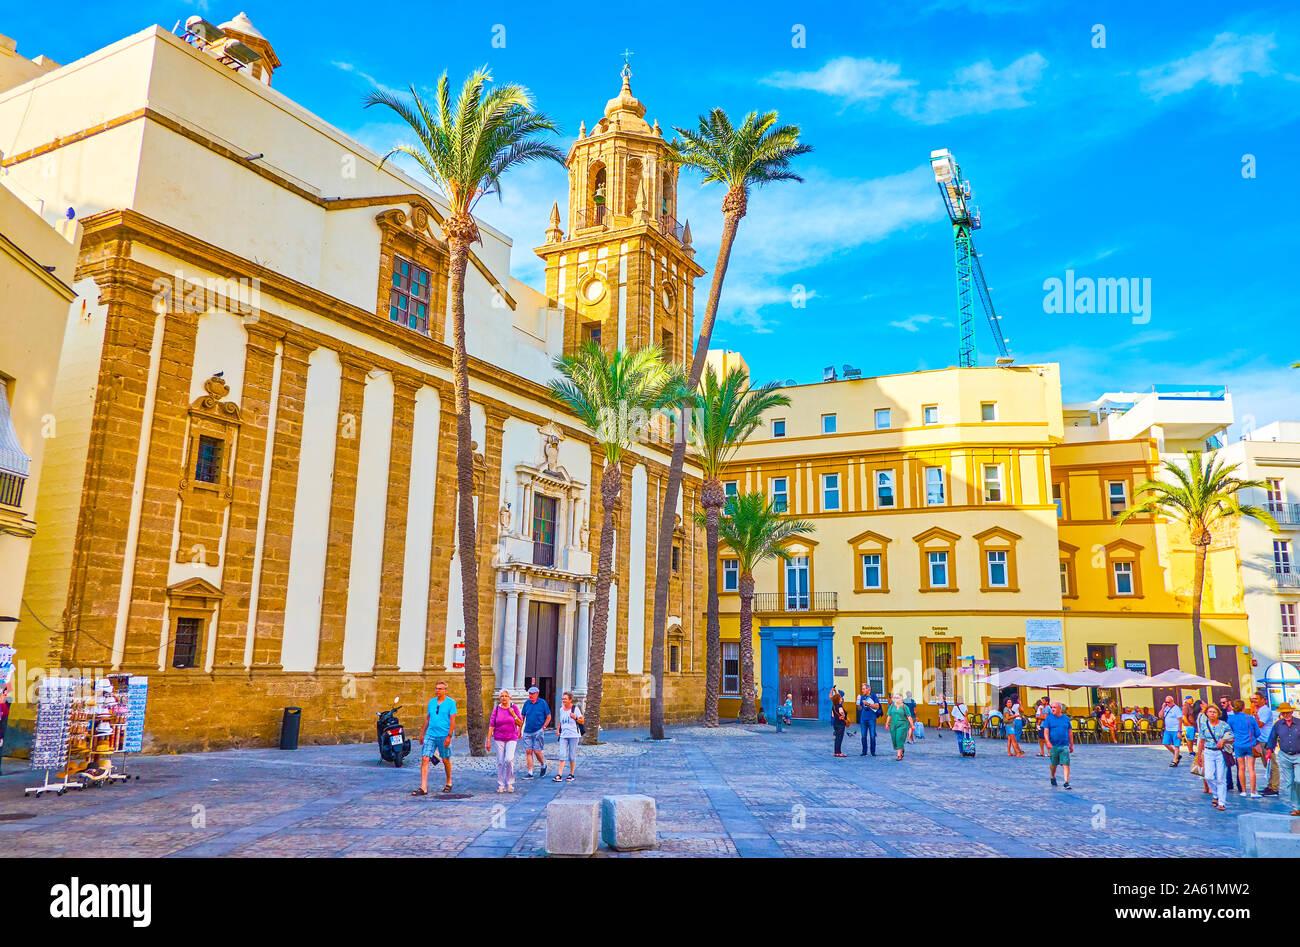 Cadix, Espagne - 19 septembre 2019: la belle architecture des bâtiments andalous sur la Plaza de la Catedral avec de magnifiques murs de Santiago C Banque D'Images